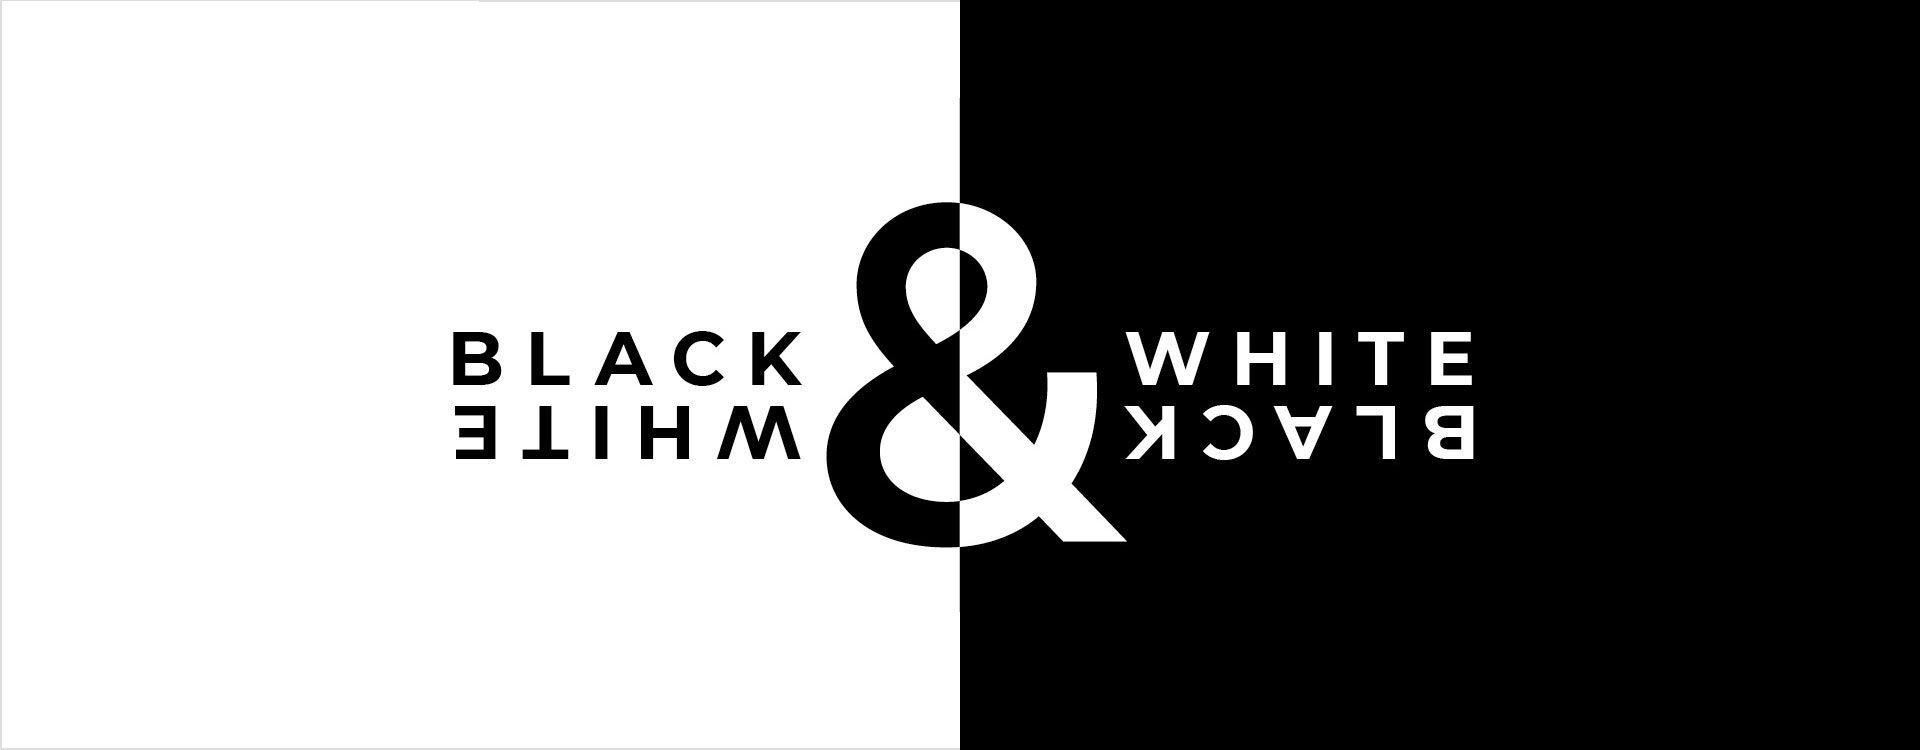 Web design in bianco e nero